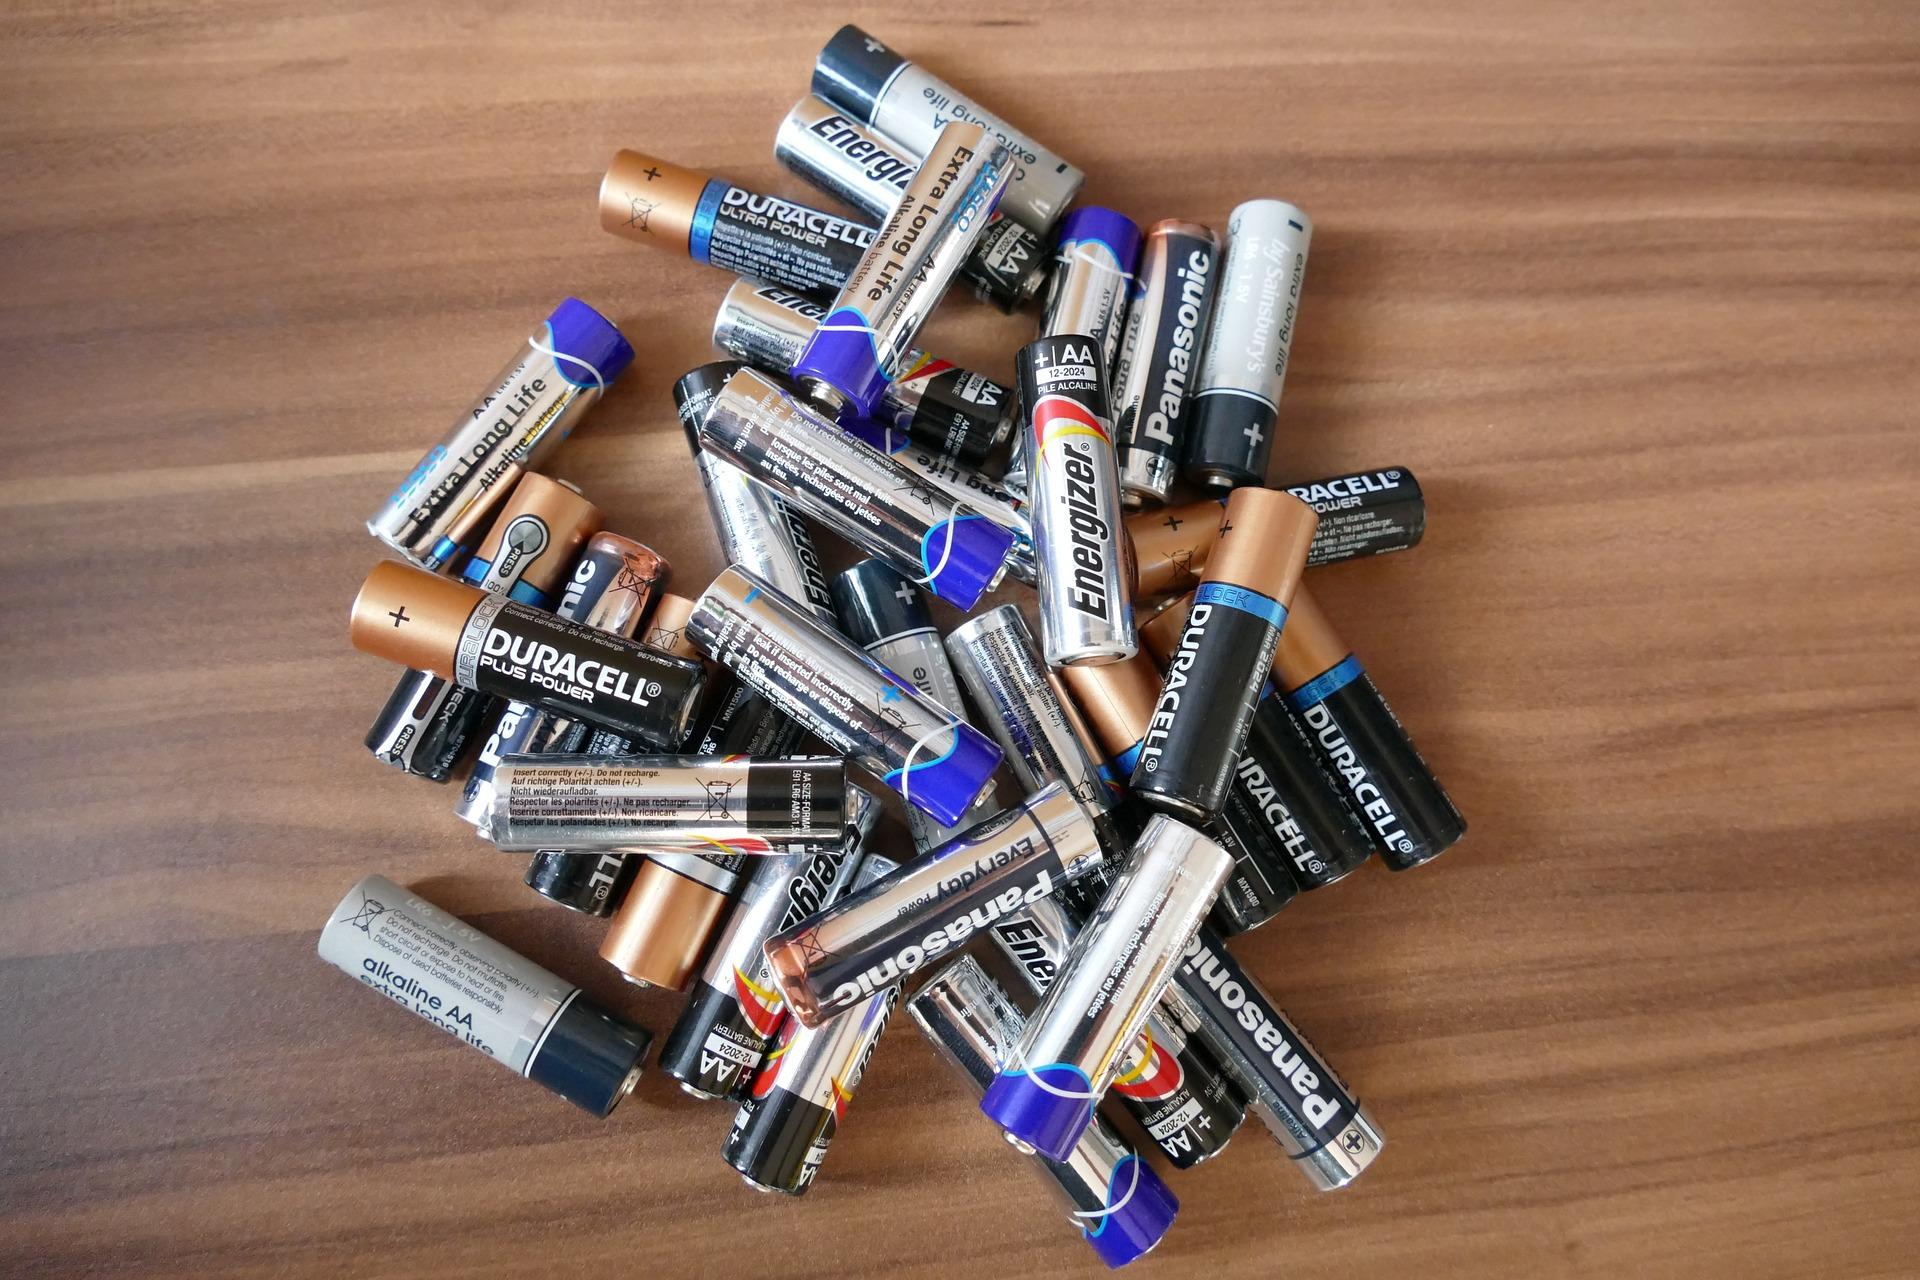 Revolučné batérie sú bližšie než si myslíme. Učinili sme významný pokrok